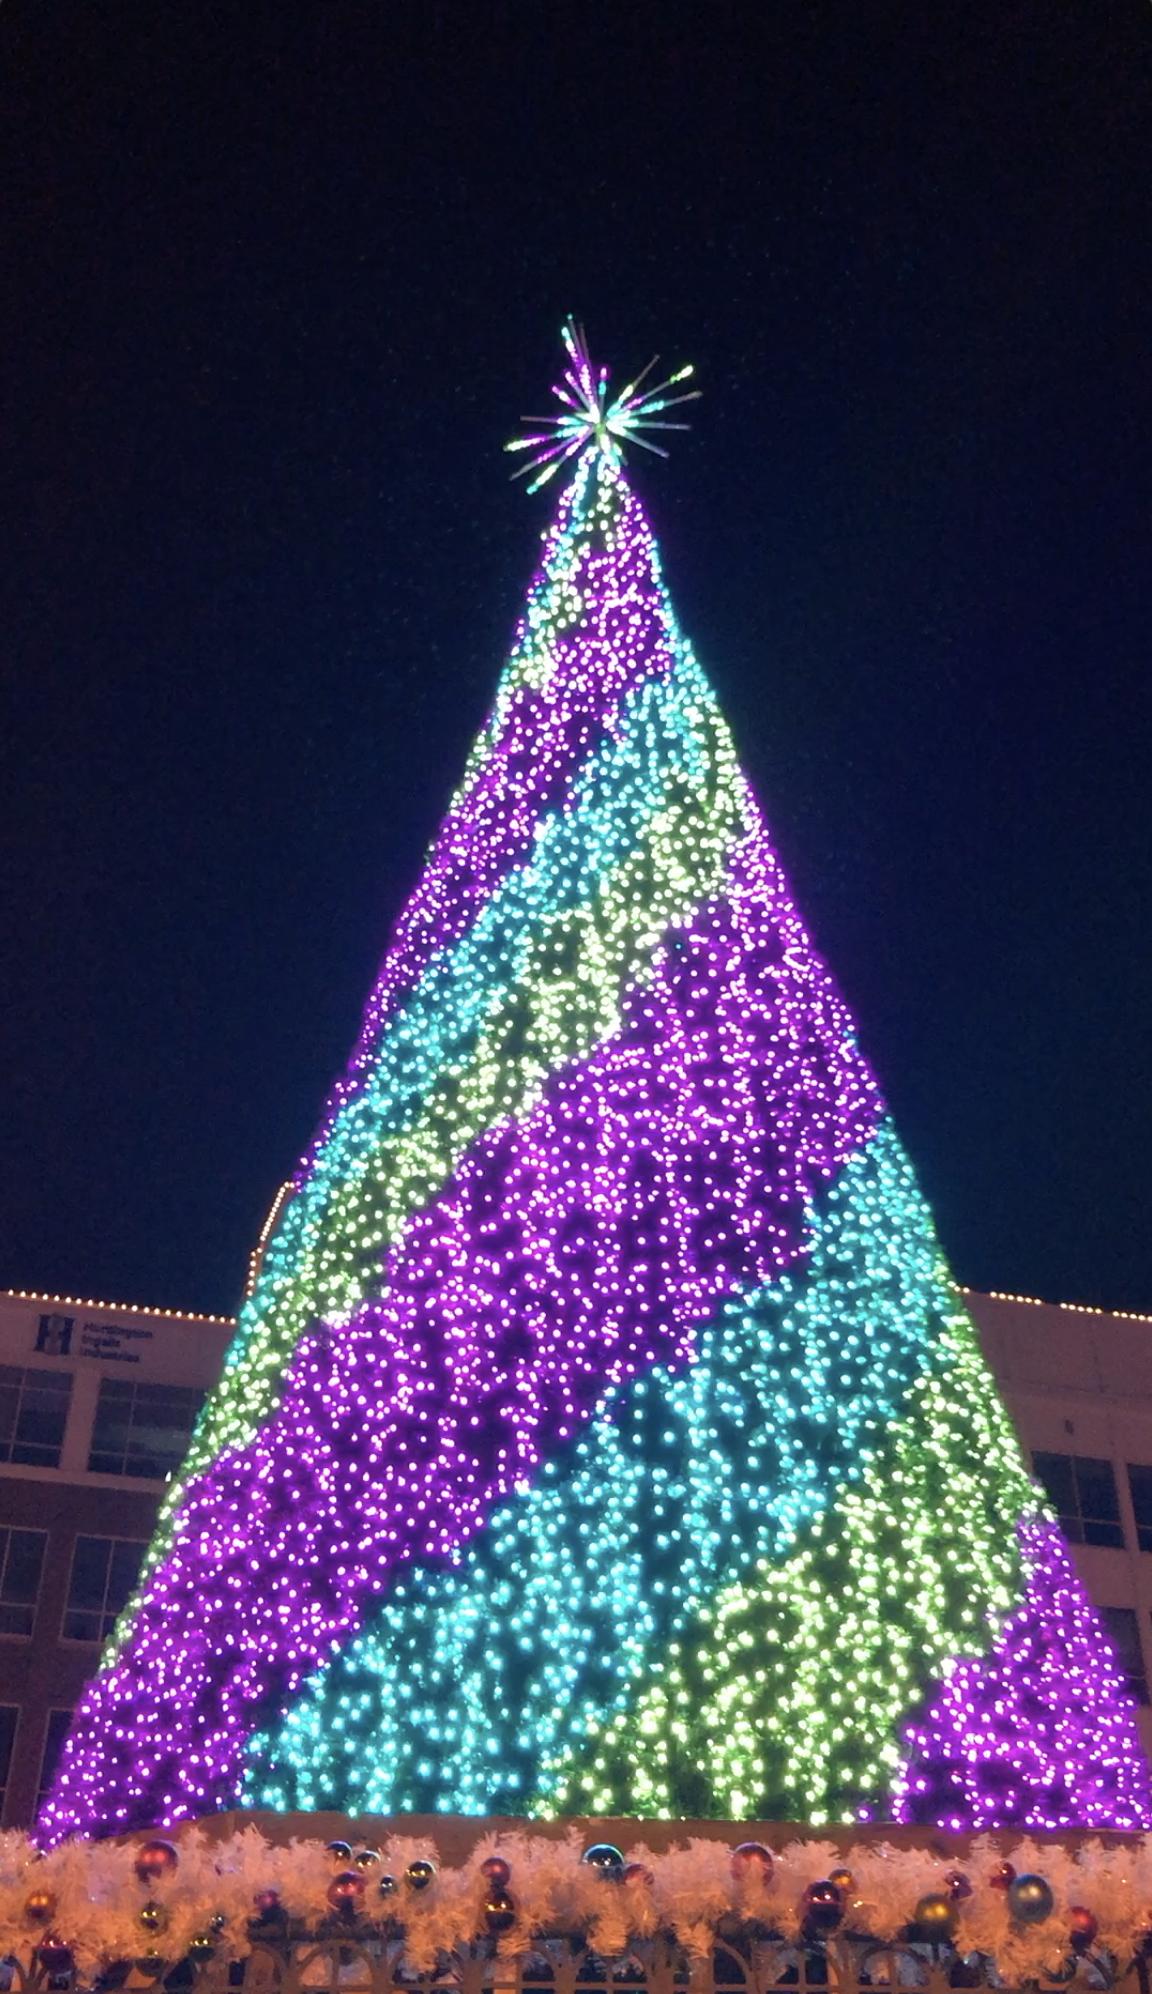 Newport News Holiday Lights